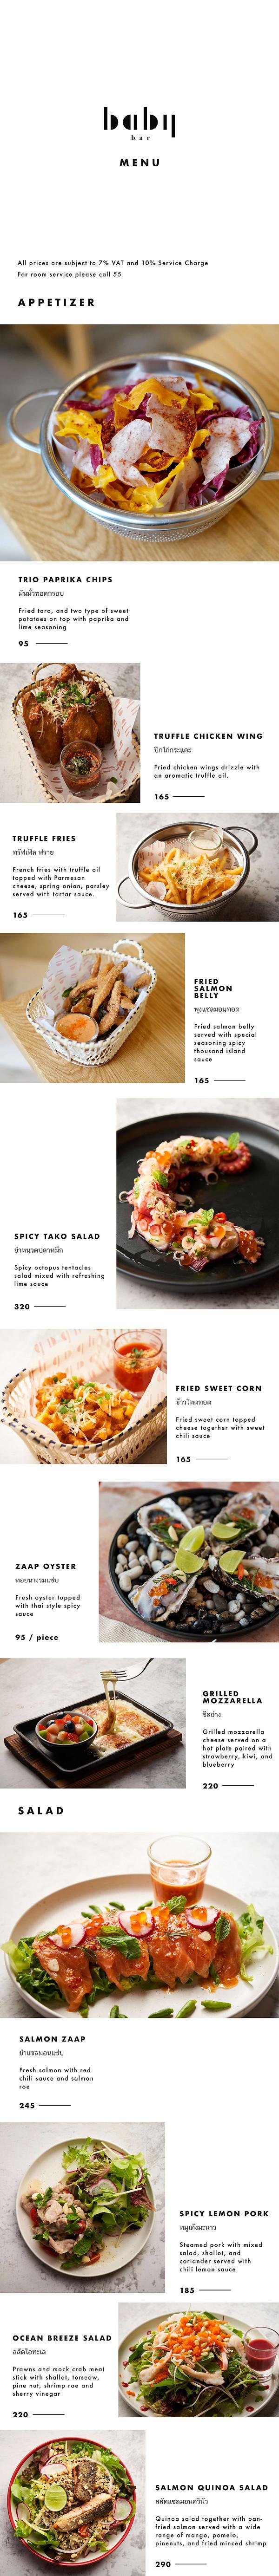 Food Menu01.jpg